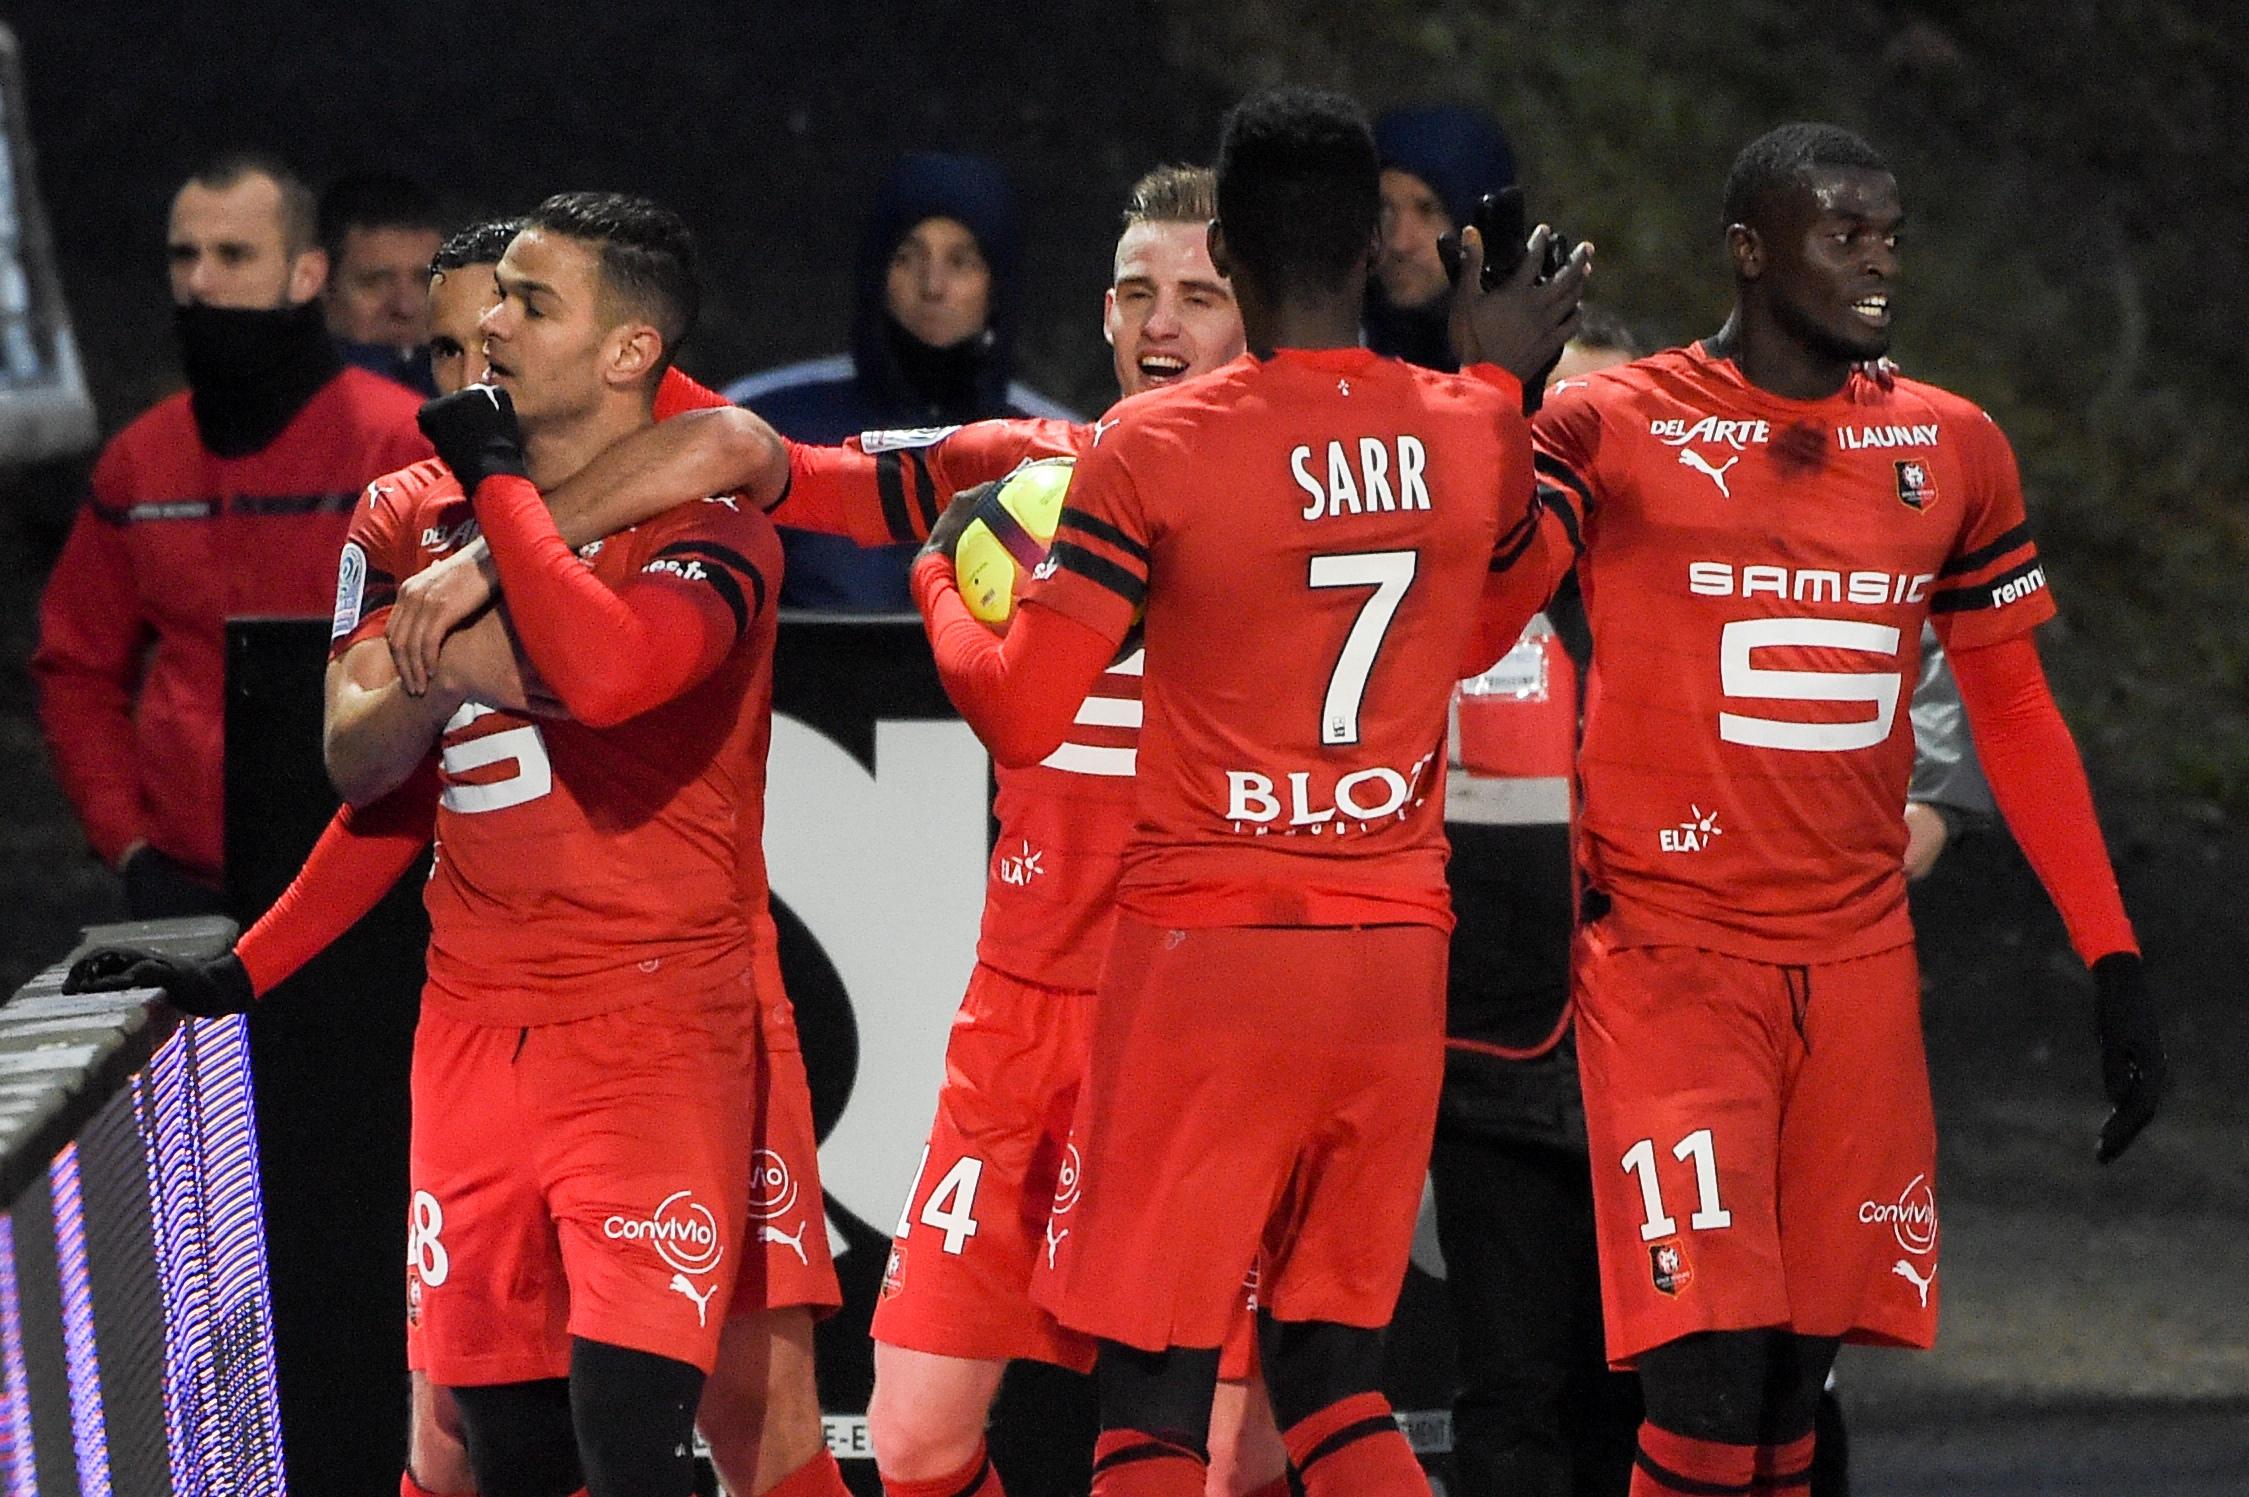 Stade Rennais : le calendrier de Ligue 1 pour la saison 2019-2020